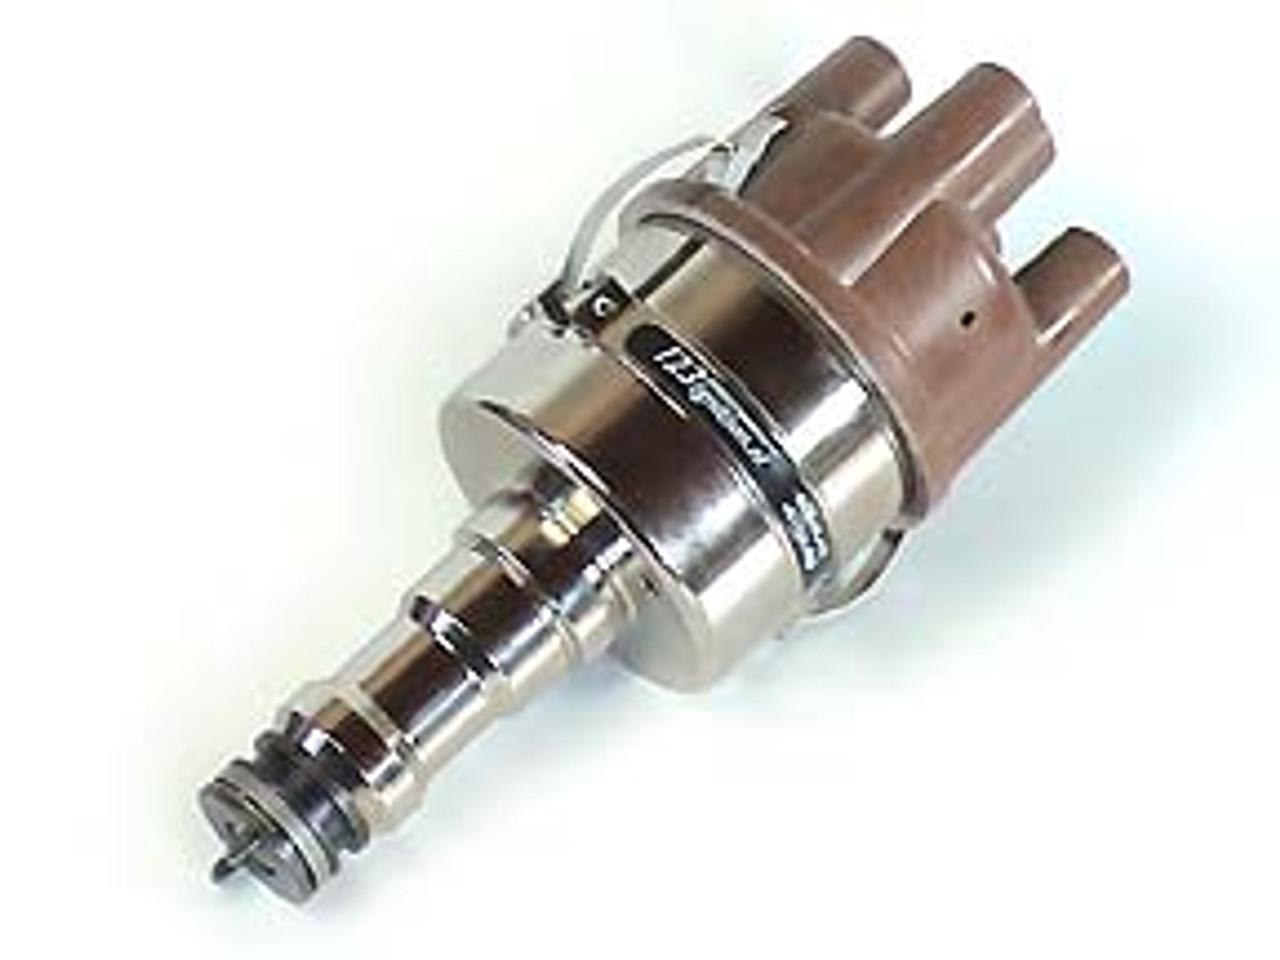 Fits Peugeot  203 / 403 / 404 / 504 / 505 / J5 / J7 / J9 / 204 / 304